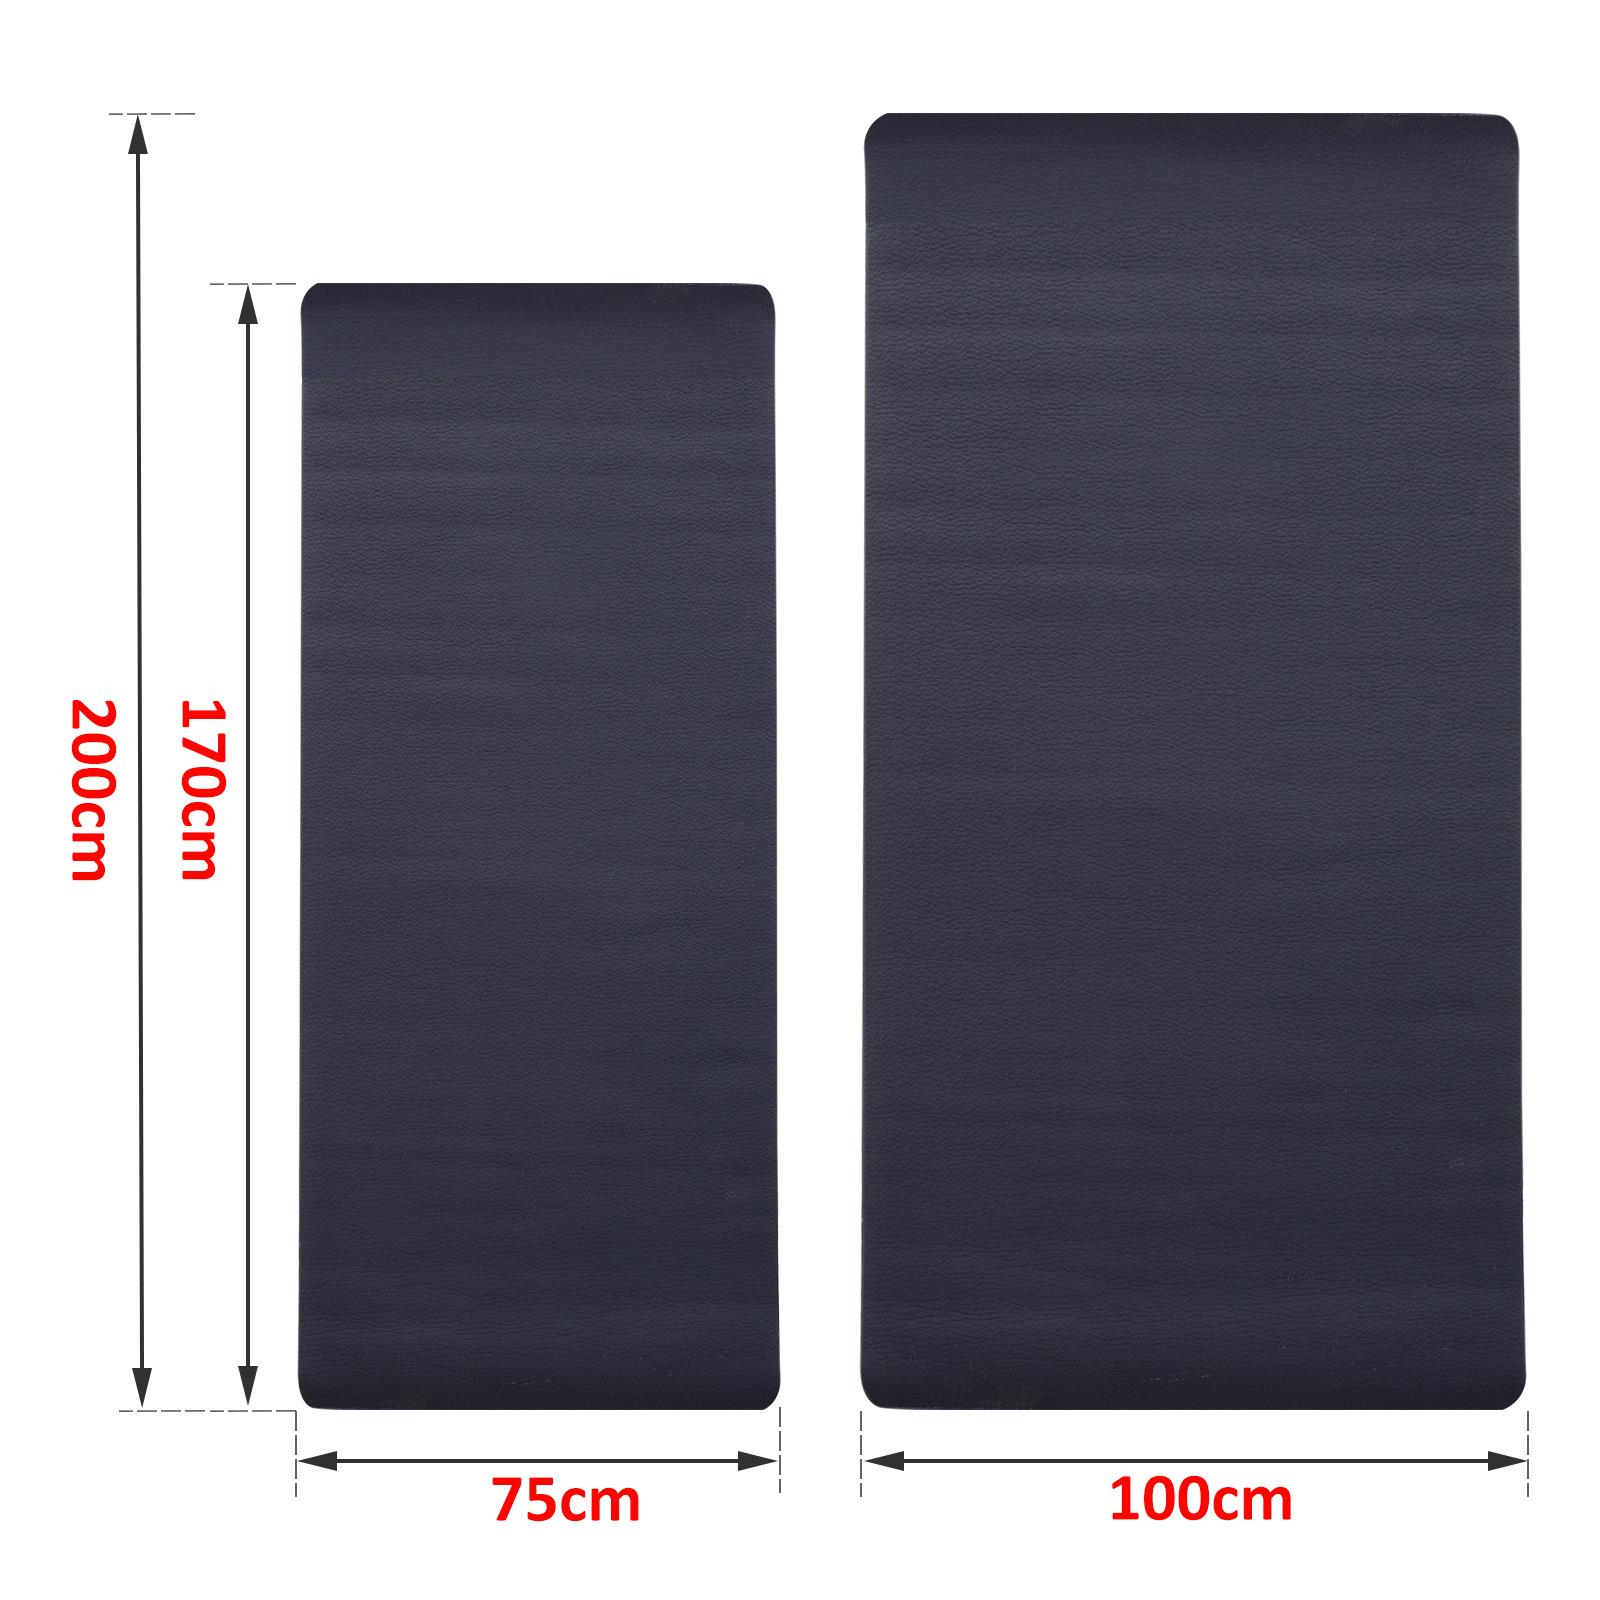 Esterilla-para-Aparato-de-Entrenamiento-Alfombra-de-Fitness-Protectora-Suelo-4mm miniatura 8